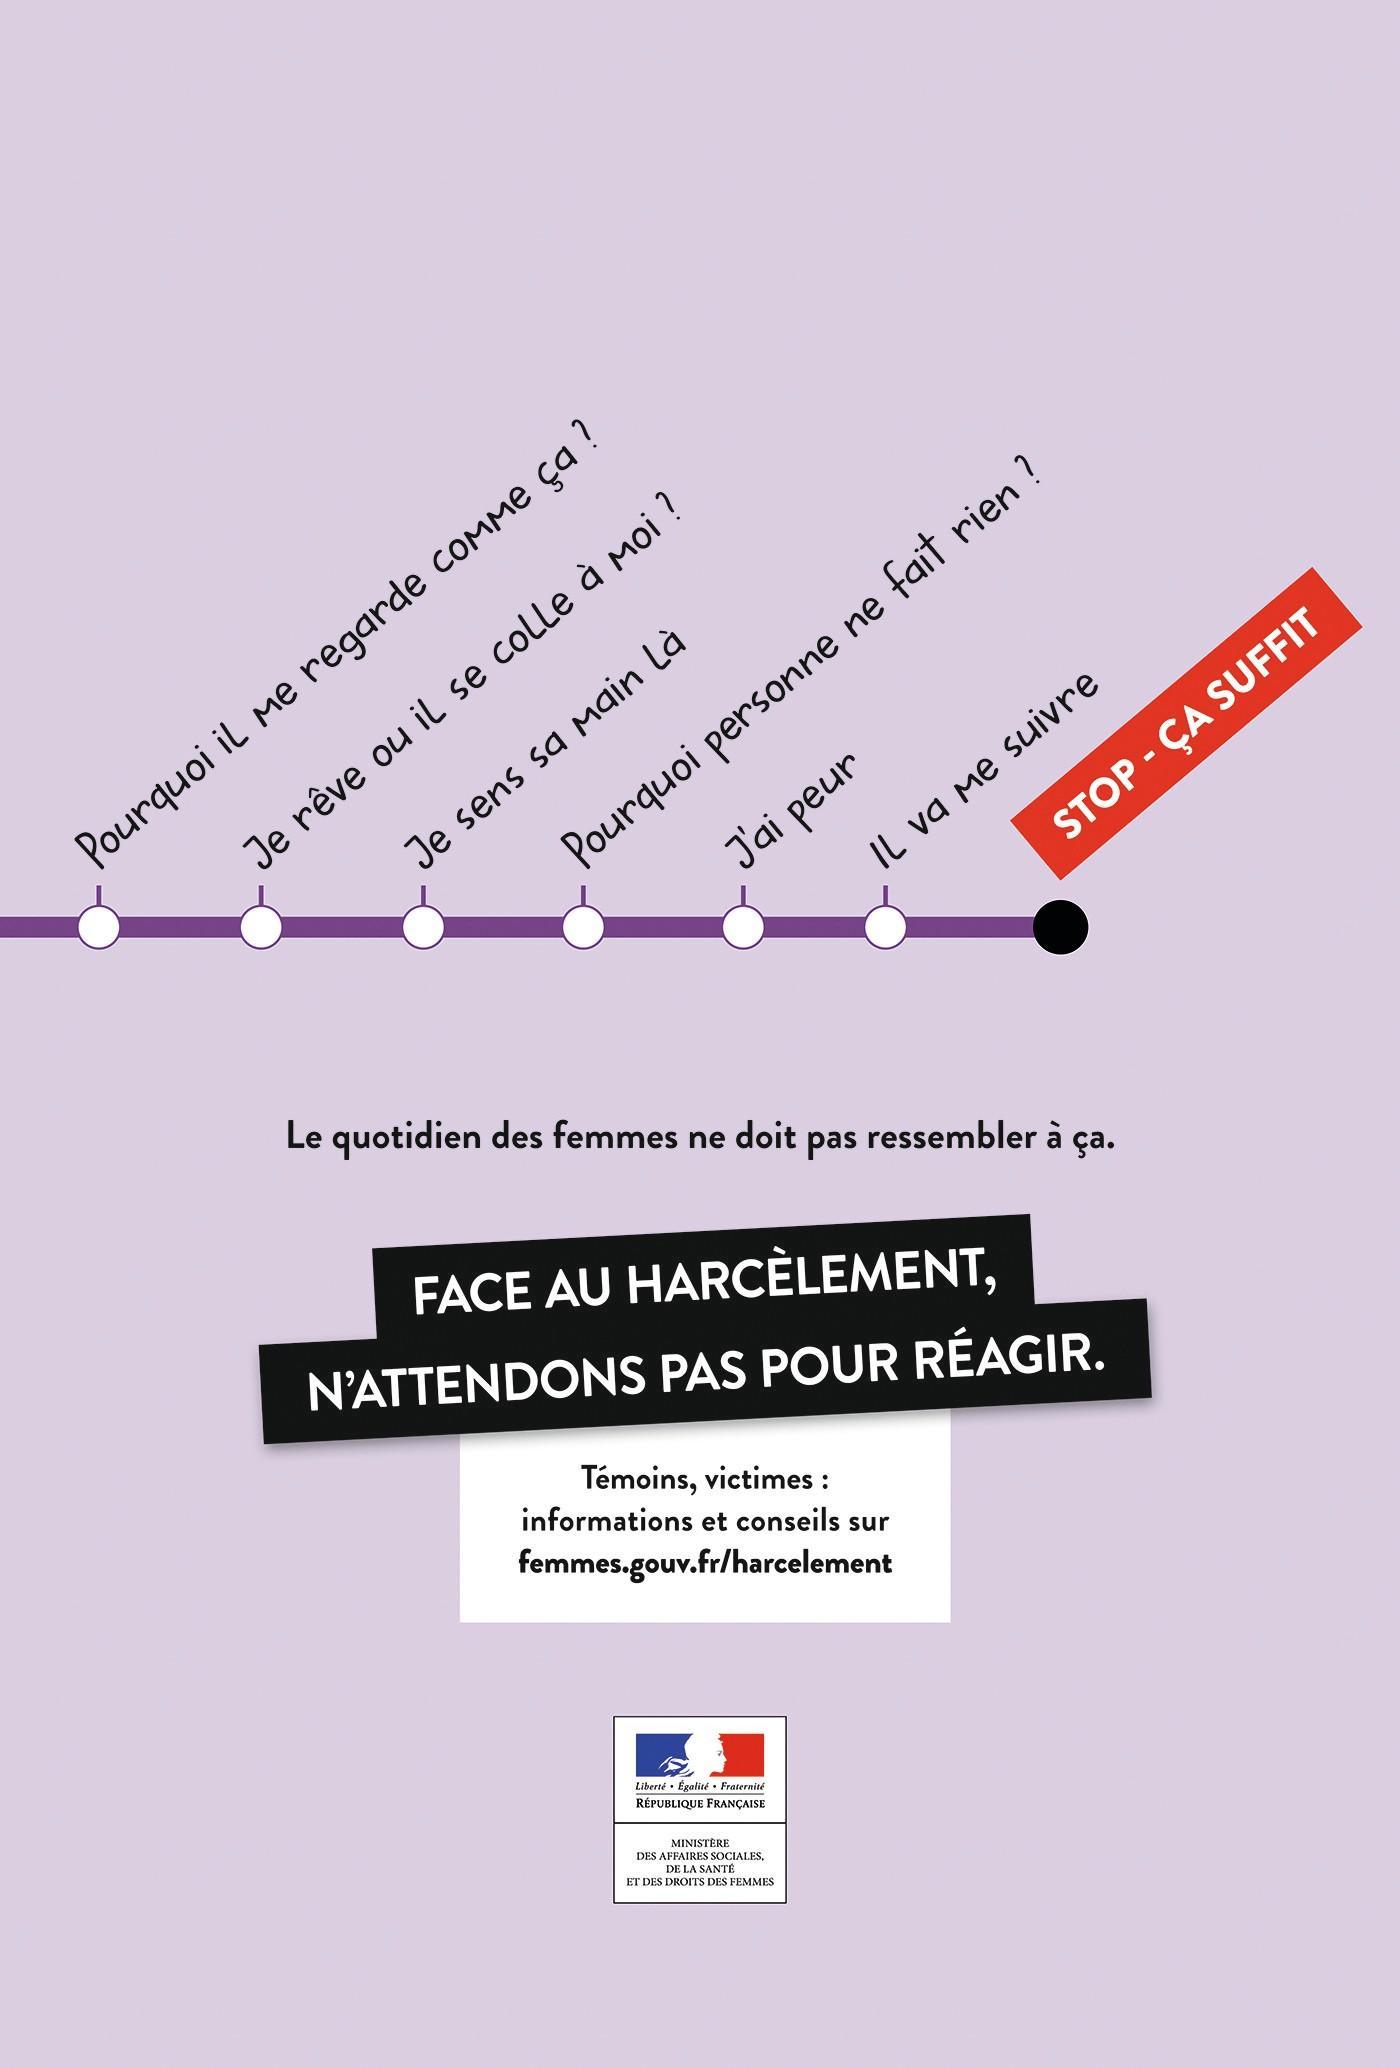 Campagne de sensibilisation « Face au harcèlement, n'attendons pas pour agir », secrétariat d'État chargé de l'Égalité entre les femmes et les hommes et de la lutte contre les discriminations, 2015.